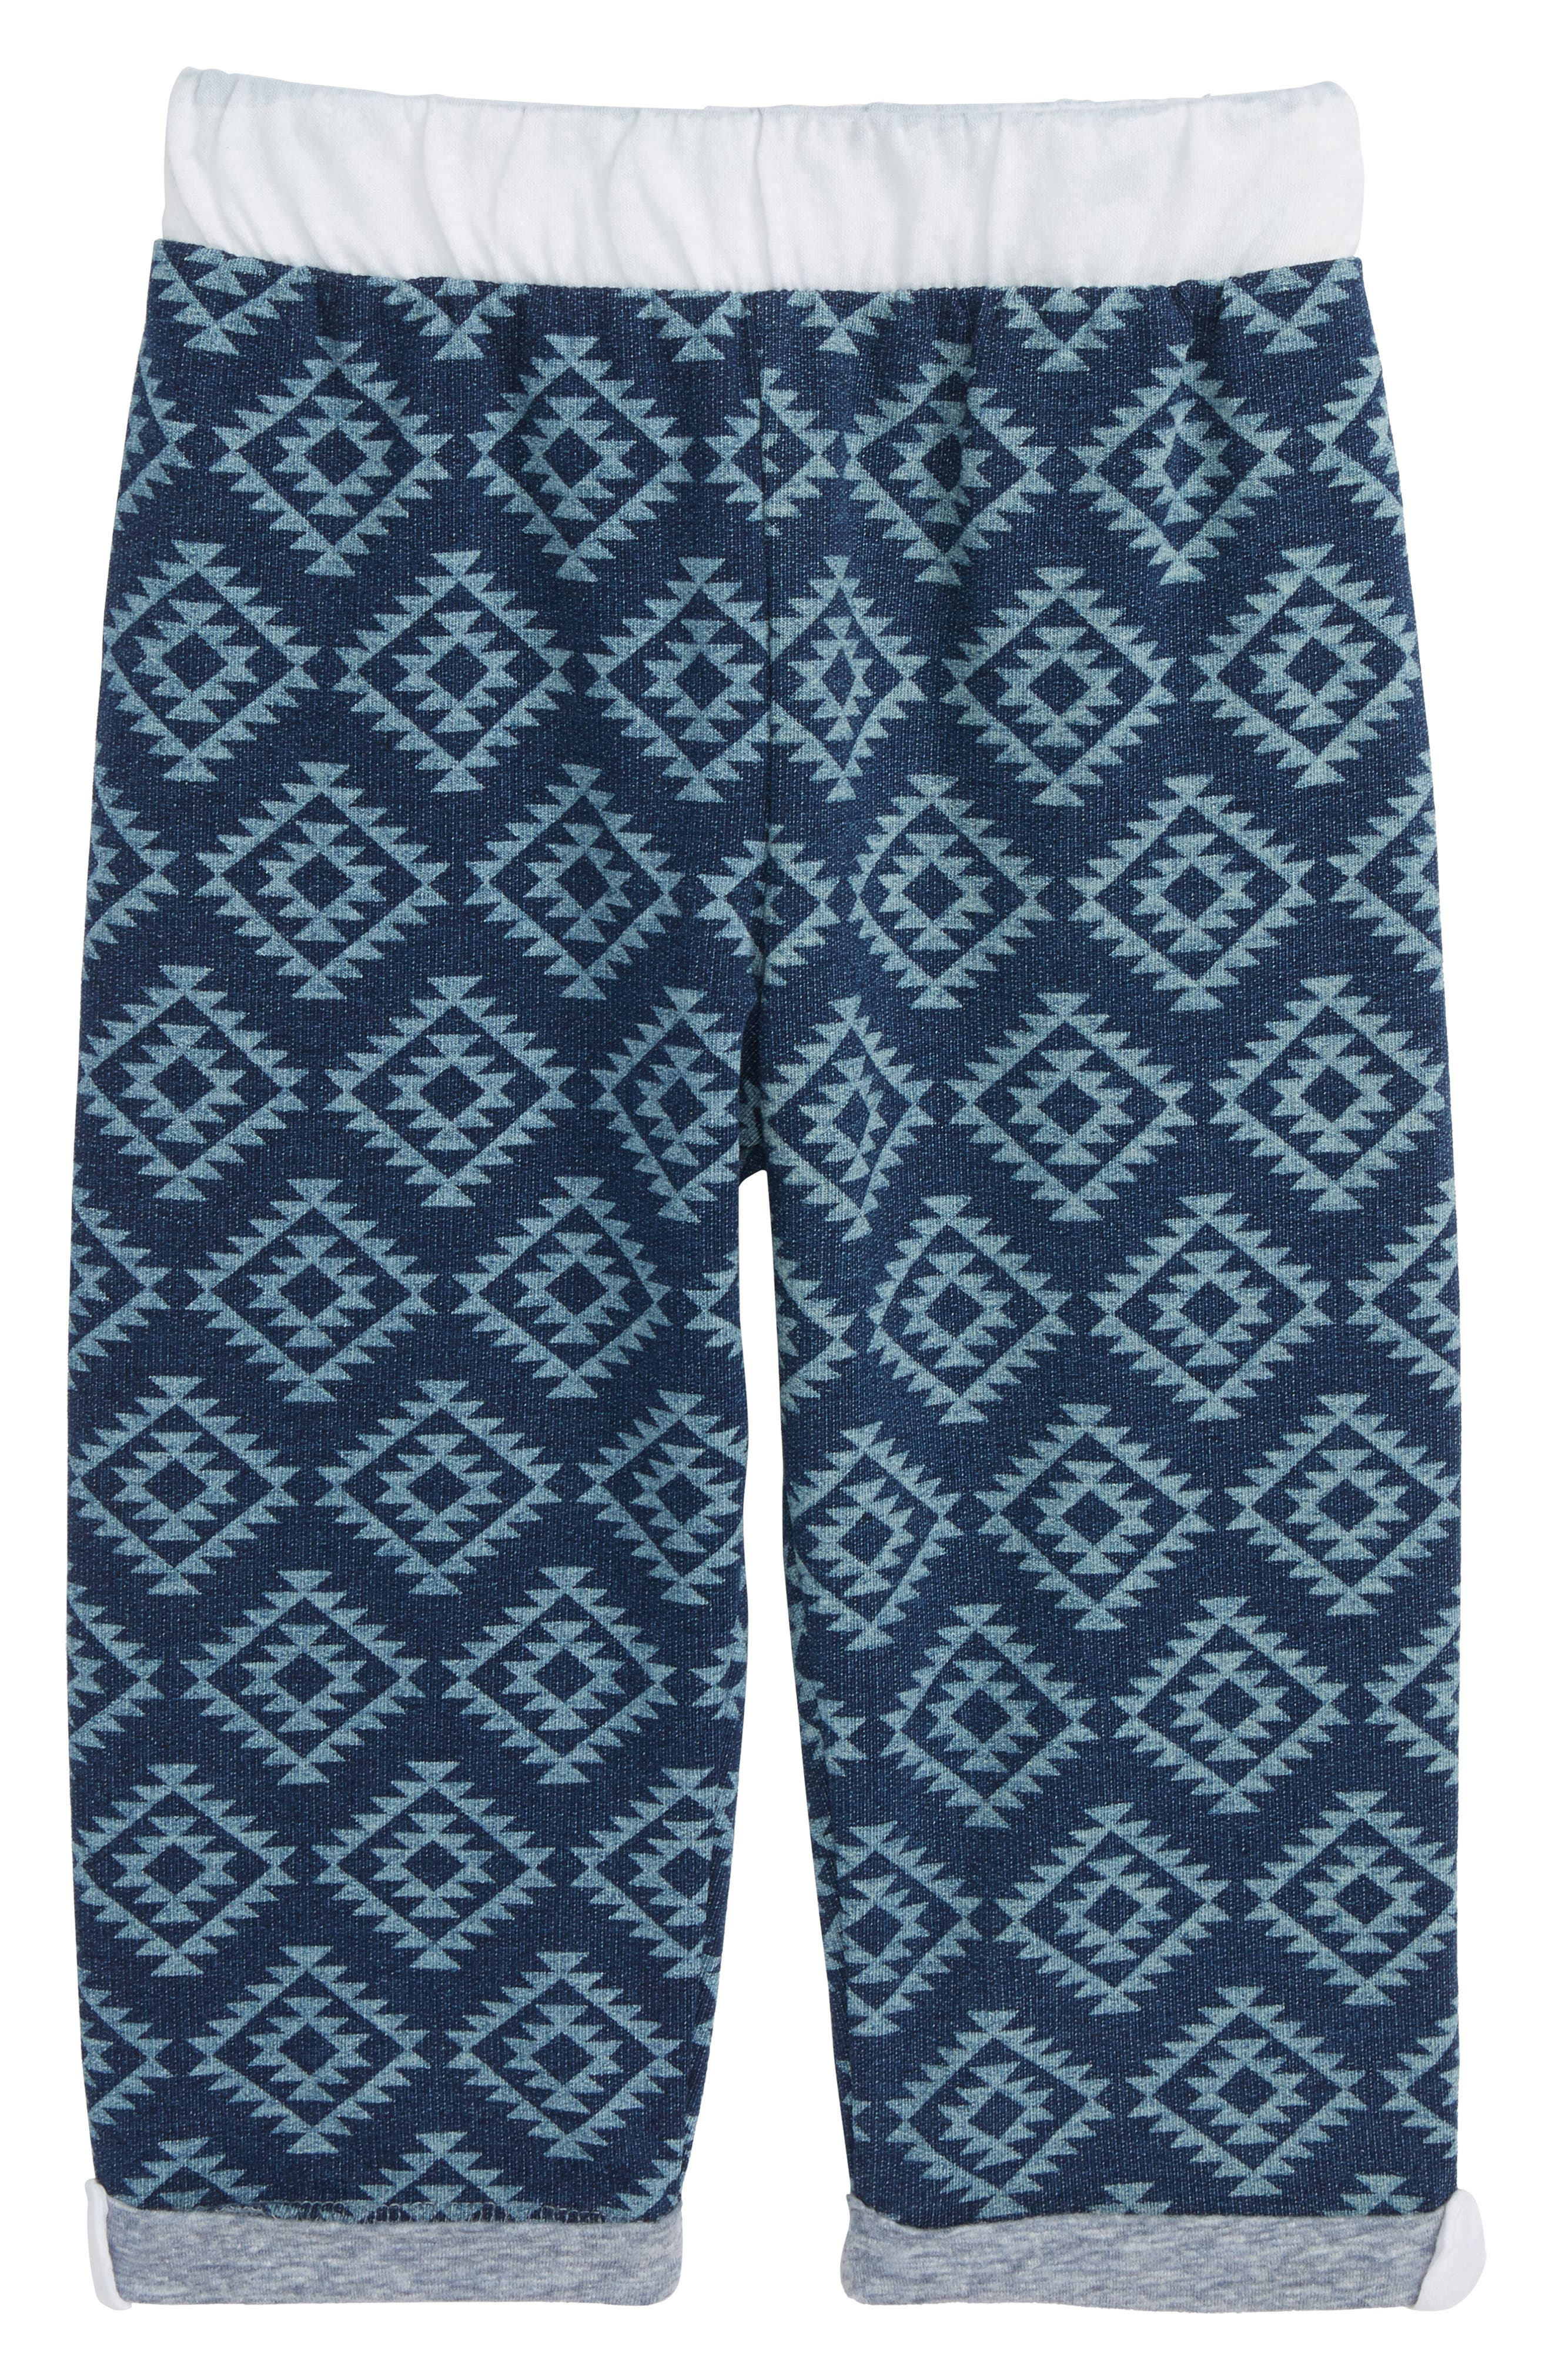 Brody Print Knit Shorts,                             Main thumbnail 1, color,                             410